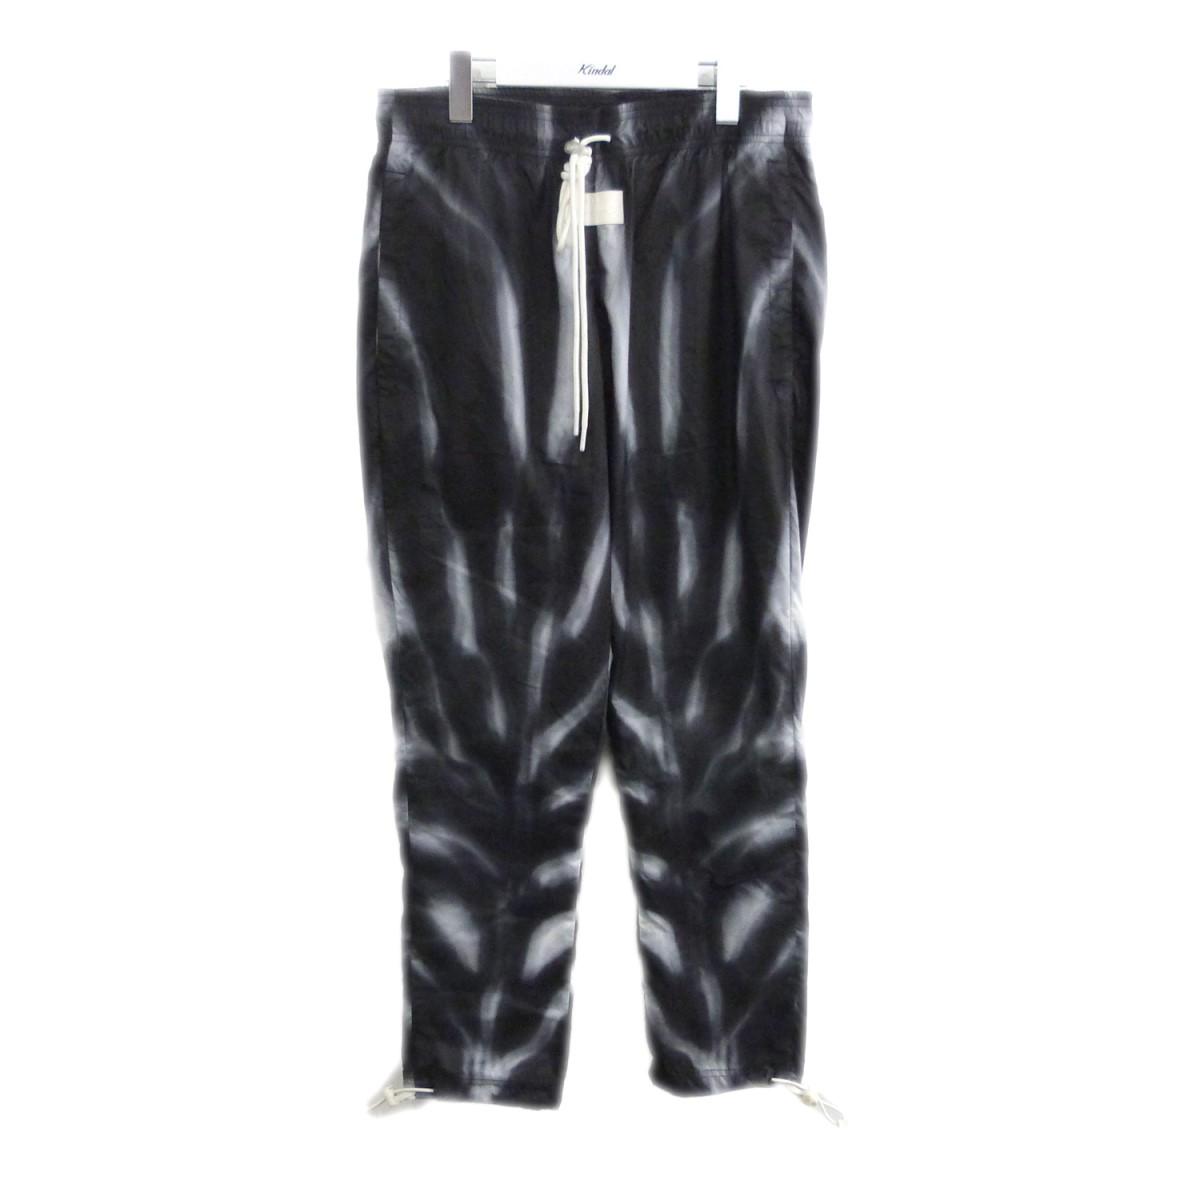 【中古】FEAR OF GOD×NIKE 19SS「Allover Print Pants」オールオーバープリントパンツ ブラック サイズ:S 【200720】(フィアオブゴッド ナイキ)